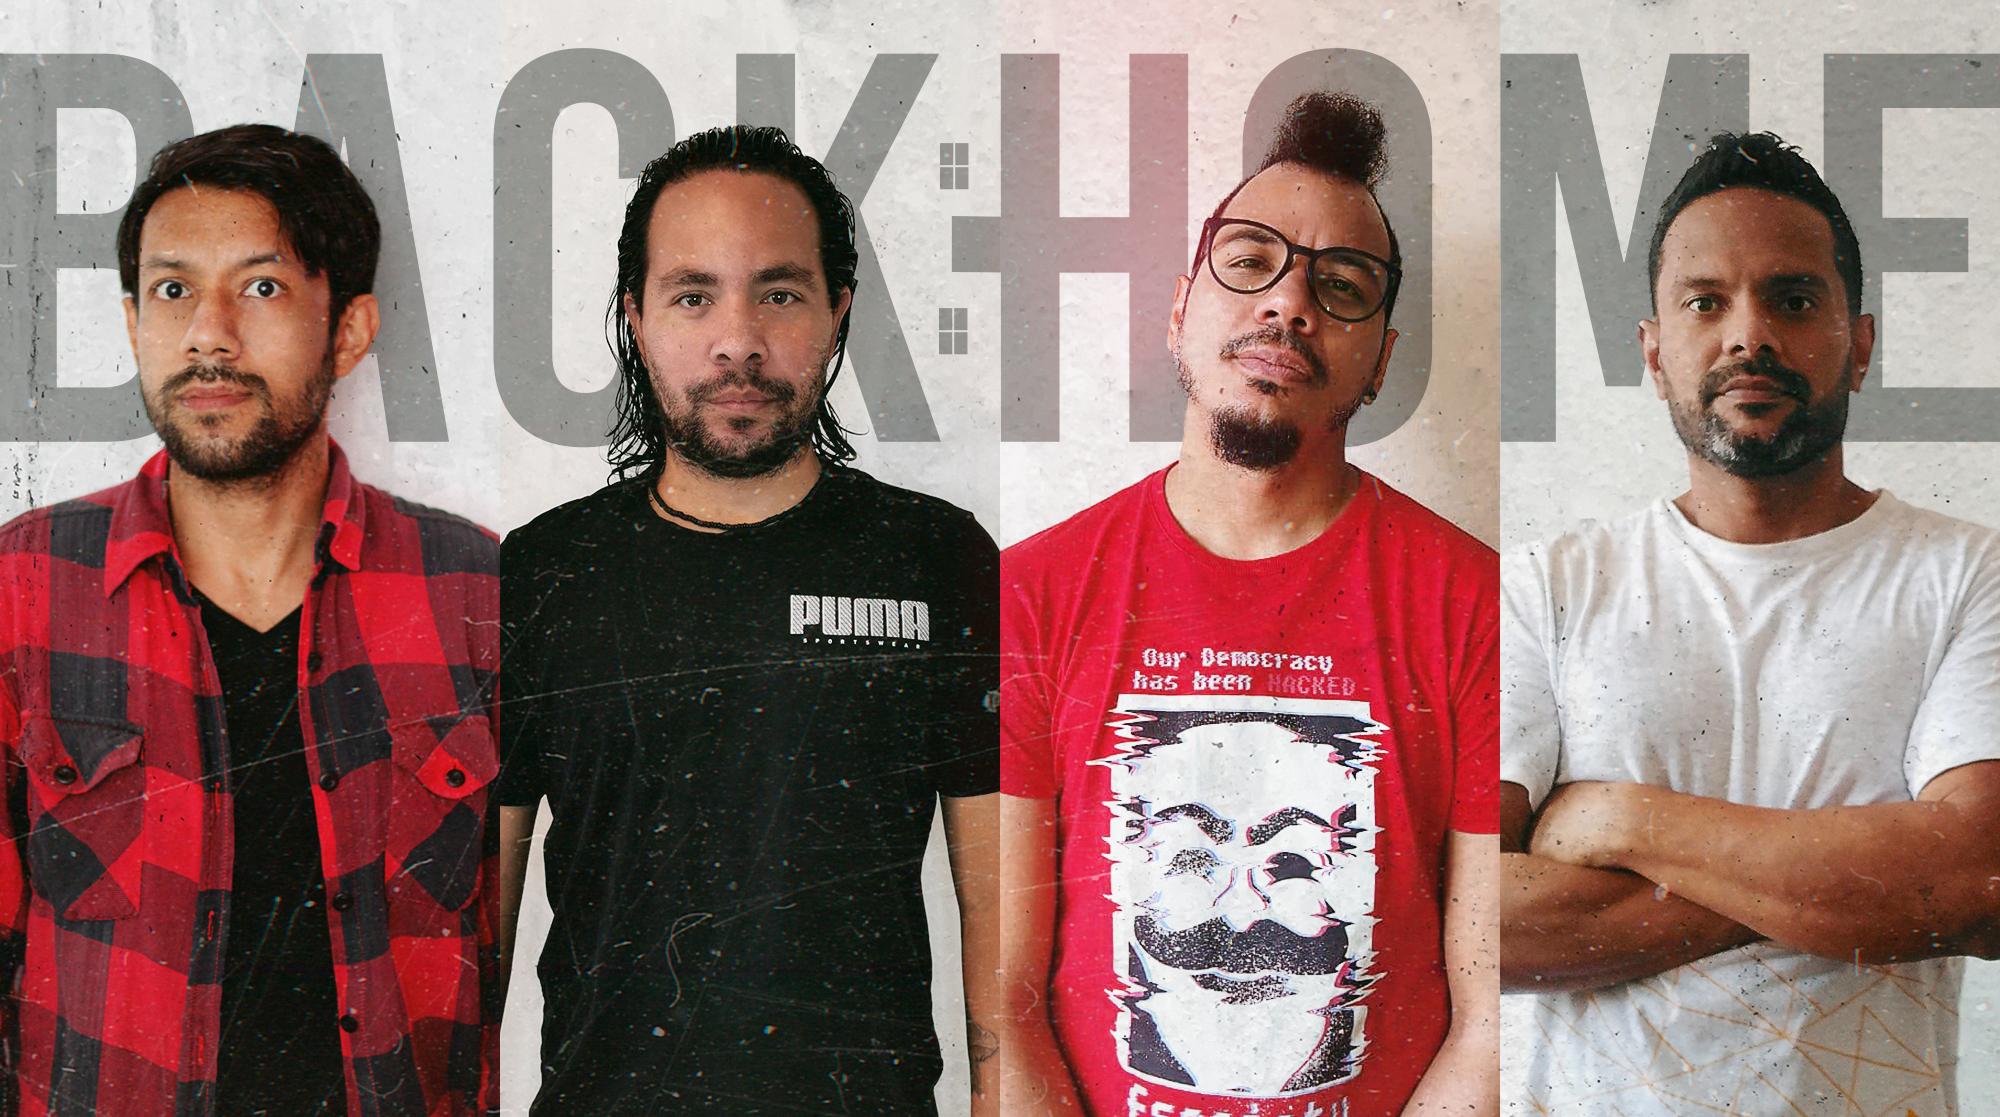 BACKHOME, banda de pop punk de Venezuela con miembros alrededor de Latinoamérica